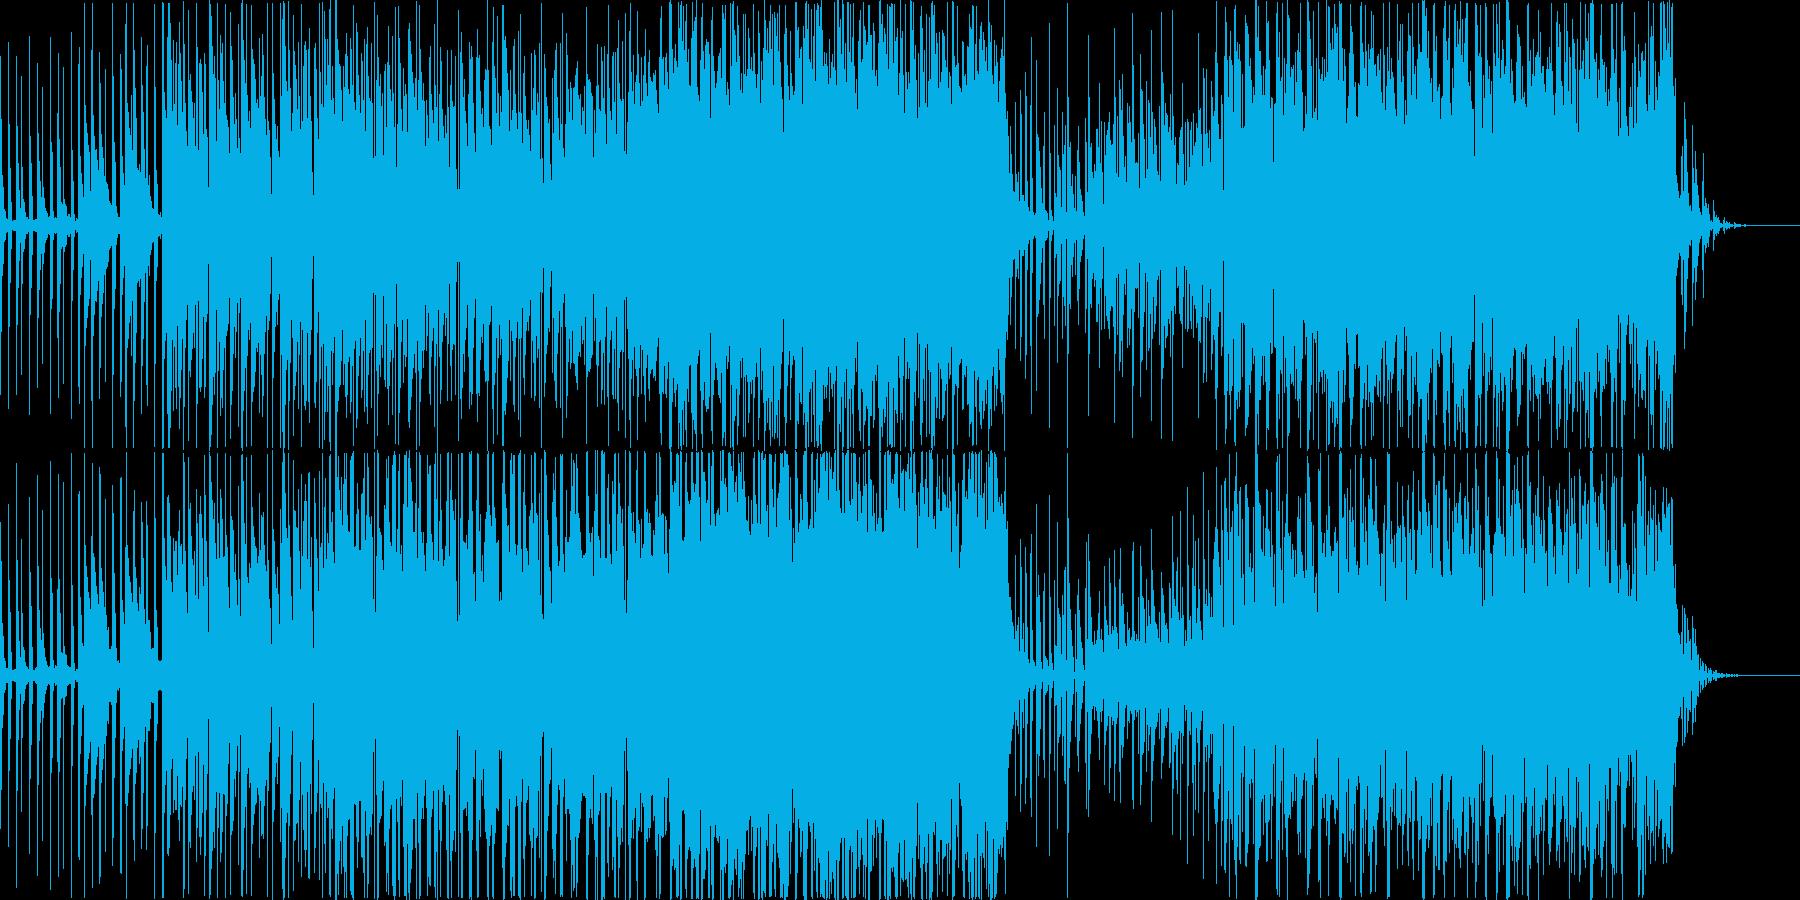 テクノ風ミドルロックの再生済みの波形